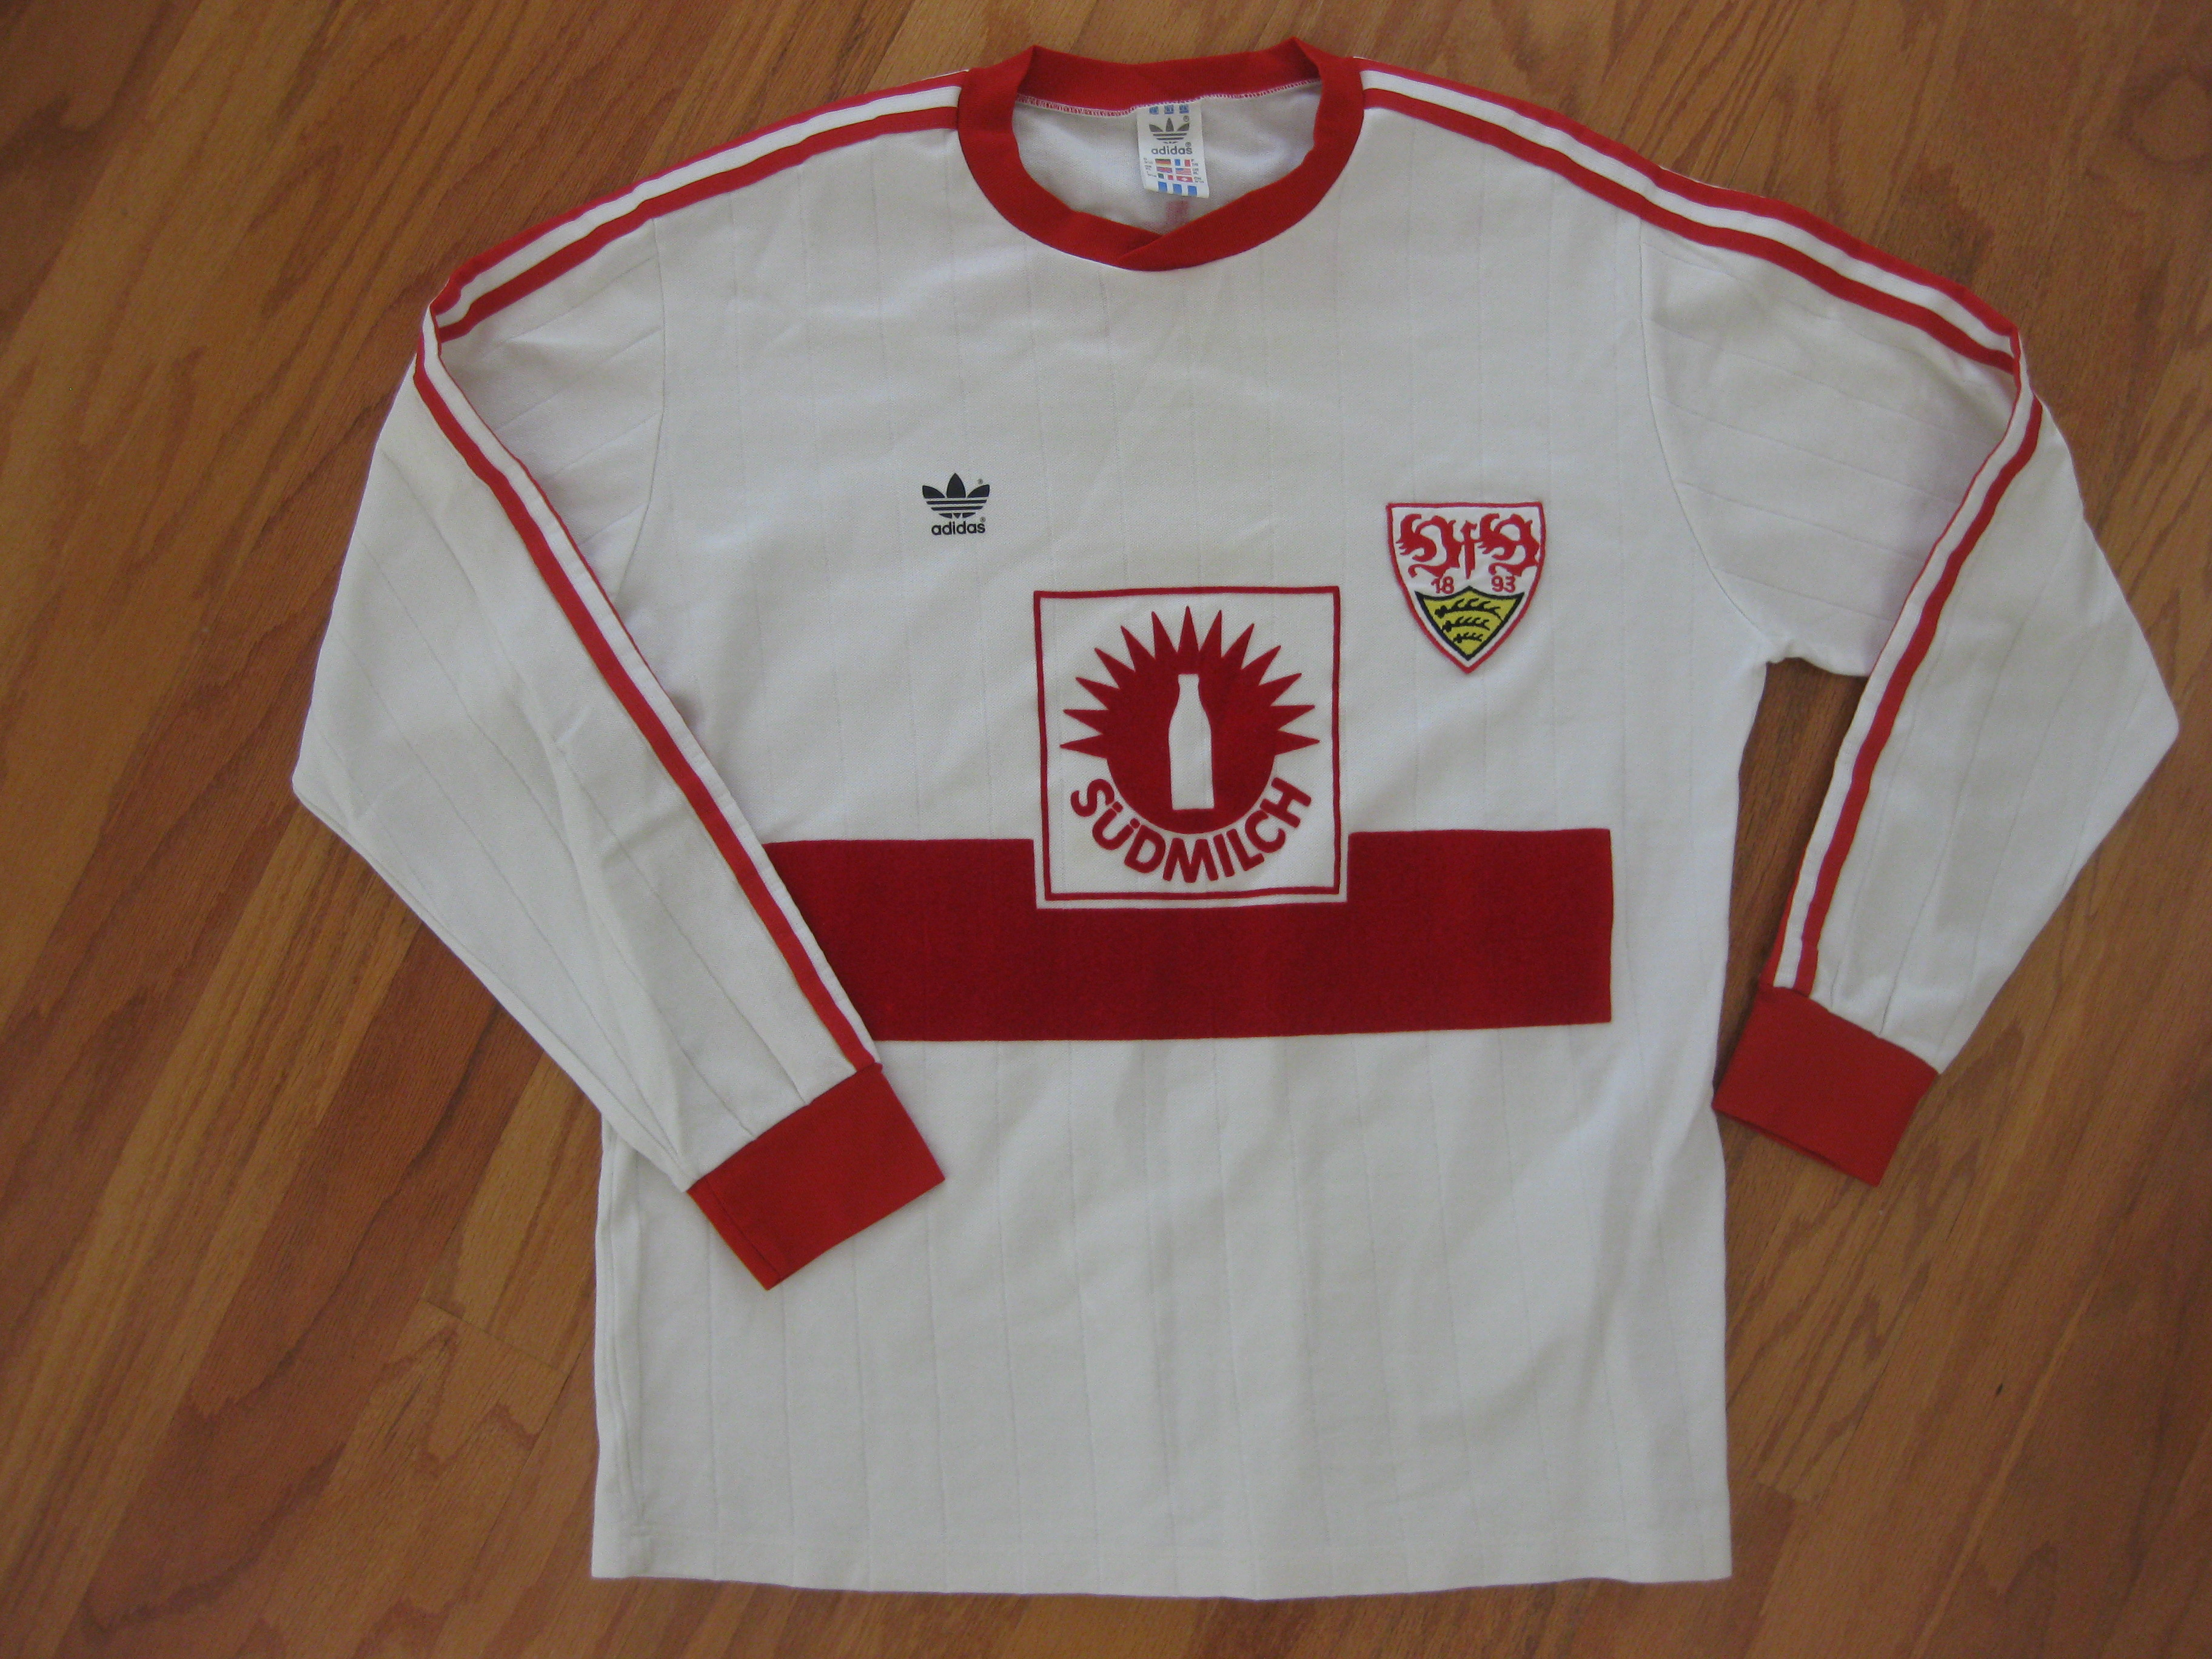 Chùm ảnh: VfB Stuttgart jersey (22)